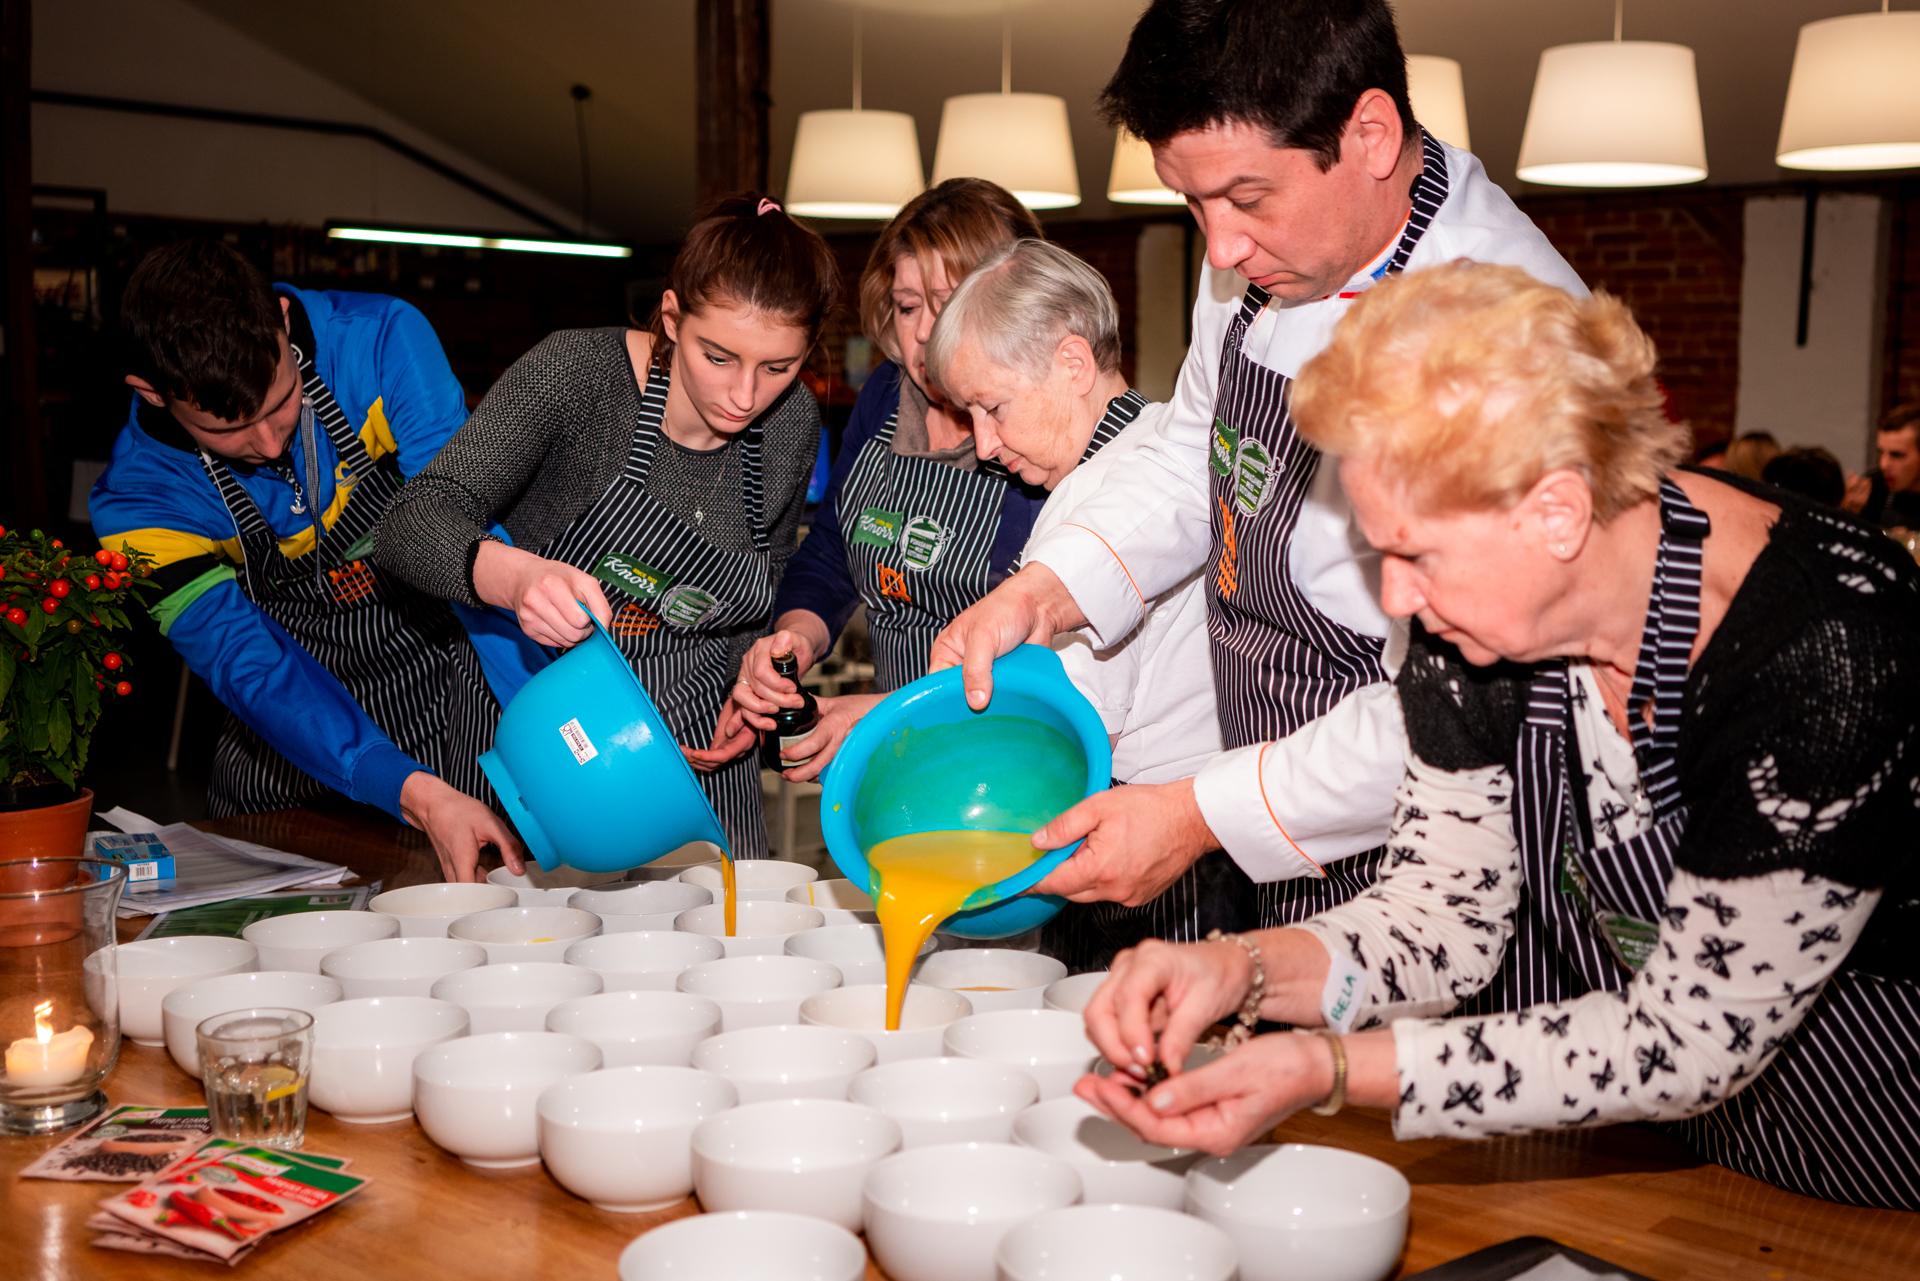 """Dzięki akcji """"Pomaganie przez gotowanie"""" młodzież ma szansę nauczyć się gotowania, co jest umiejętnością niezwykle cenną w dorosłym życiu. (Fot. mat. pras.)"""